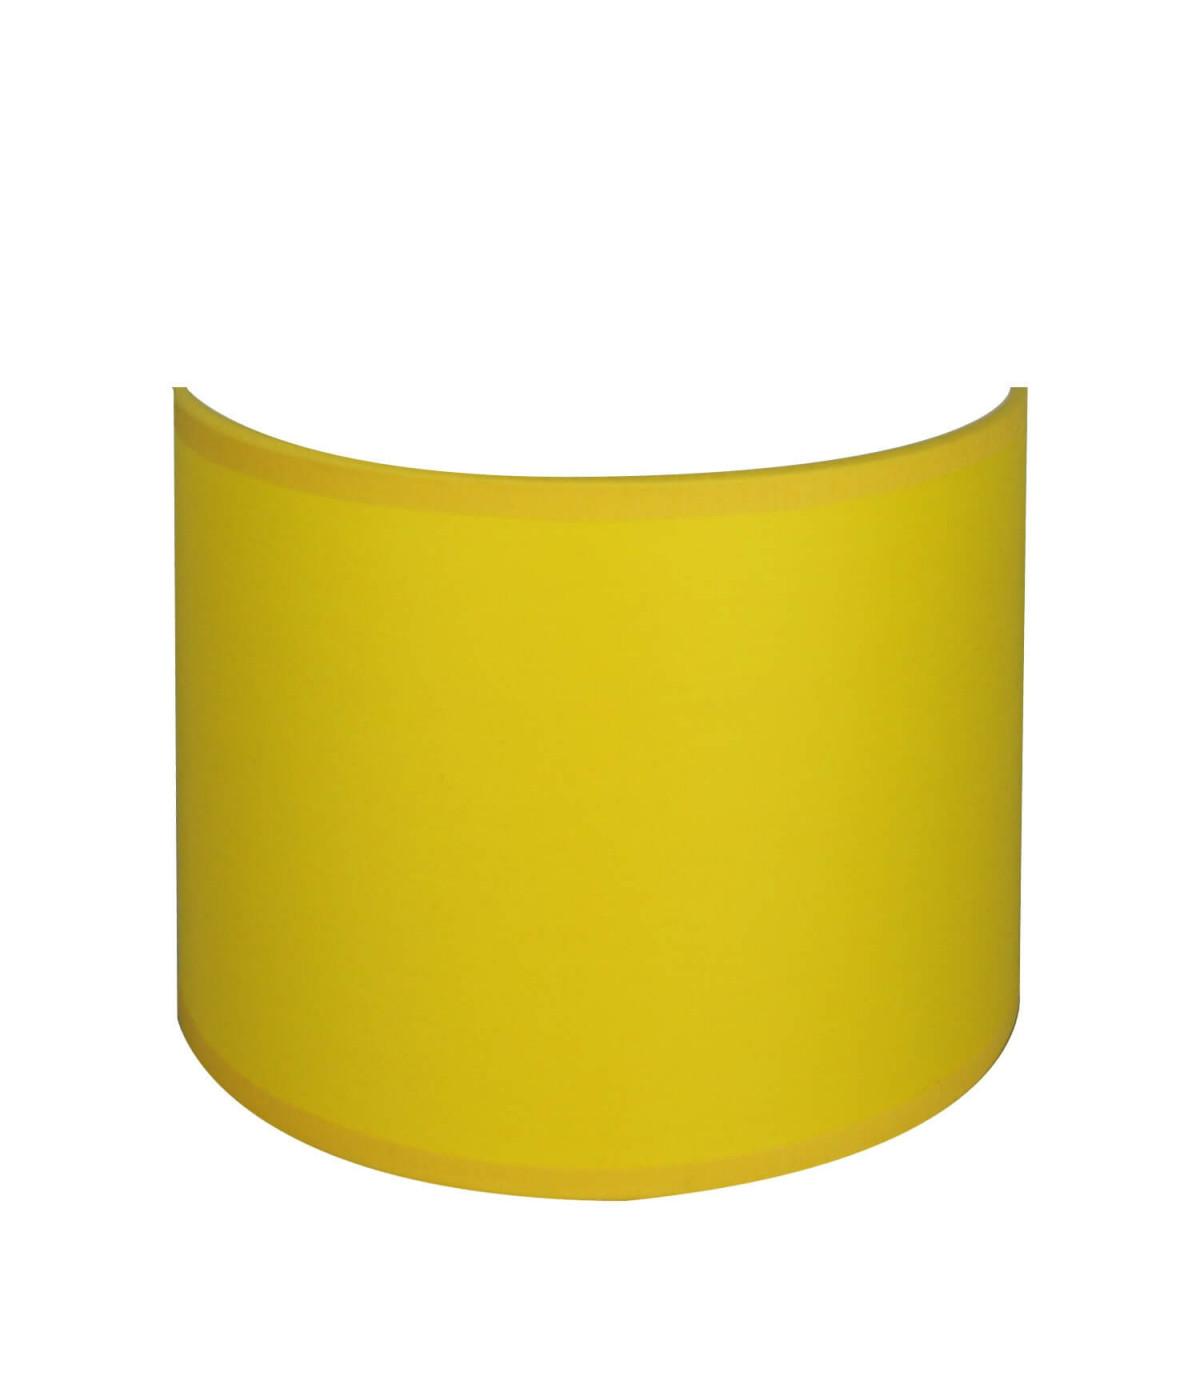 applique ronde jaune